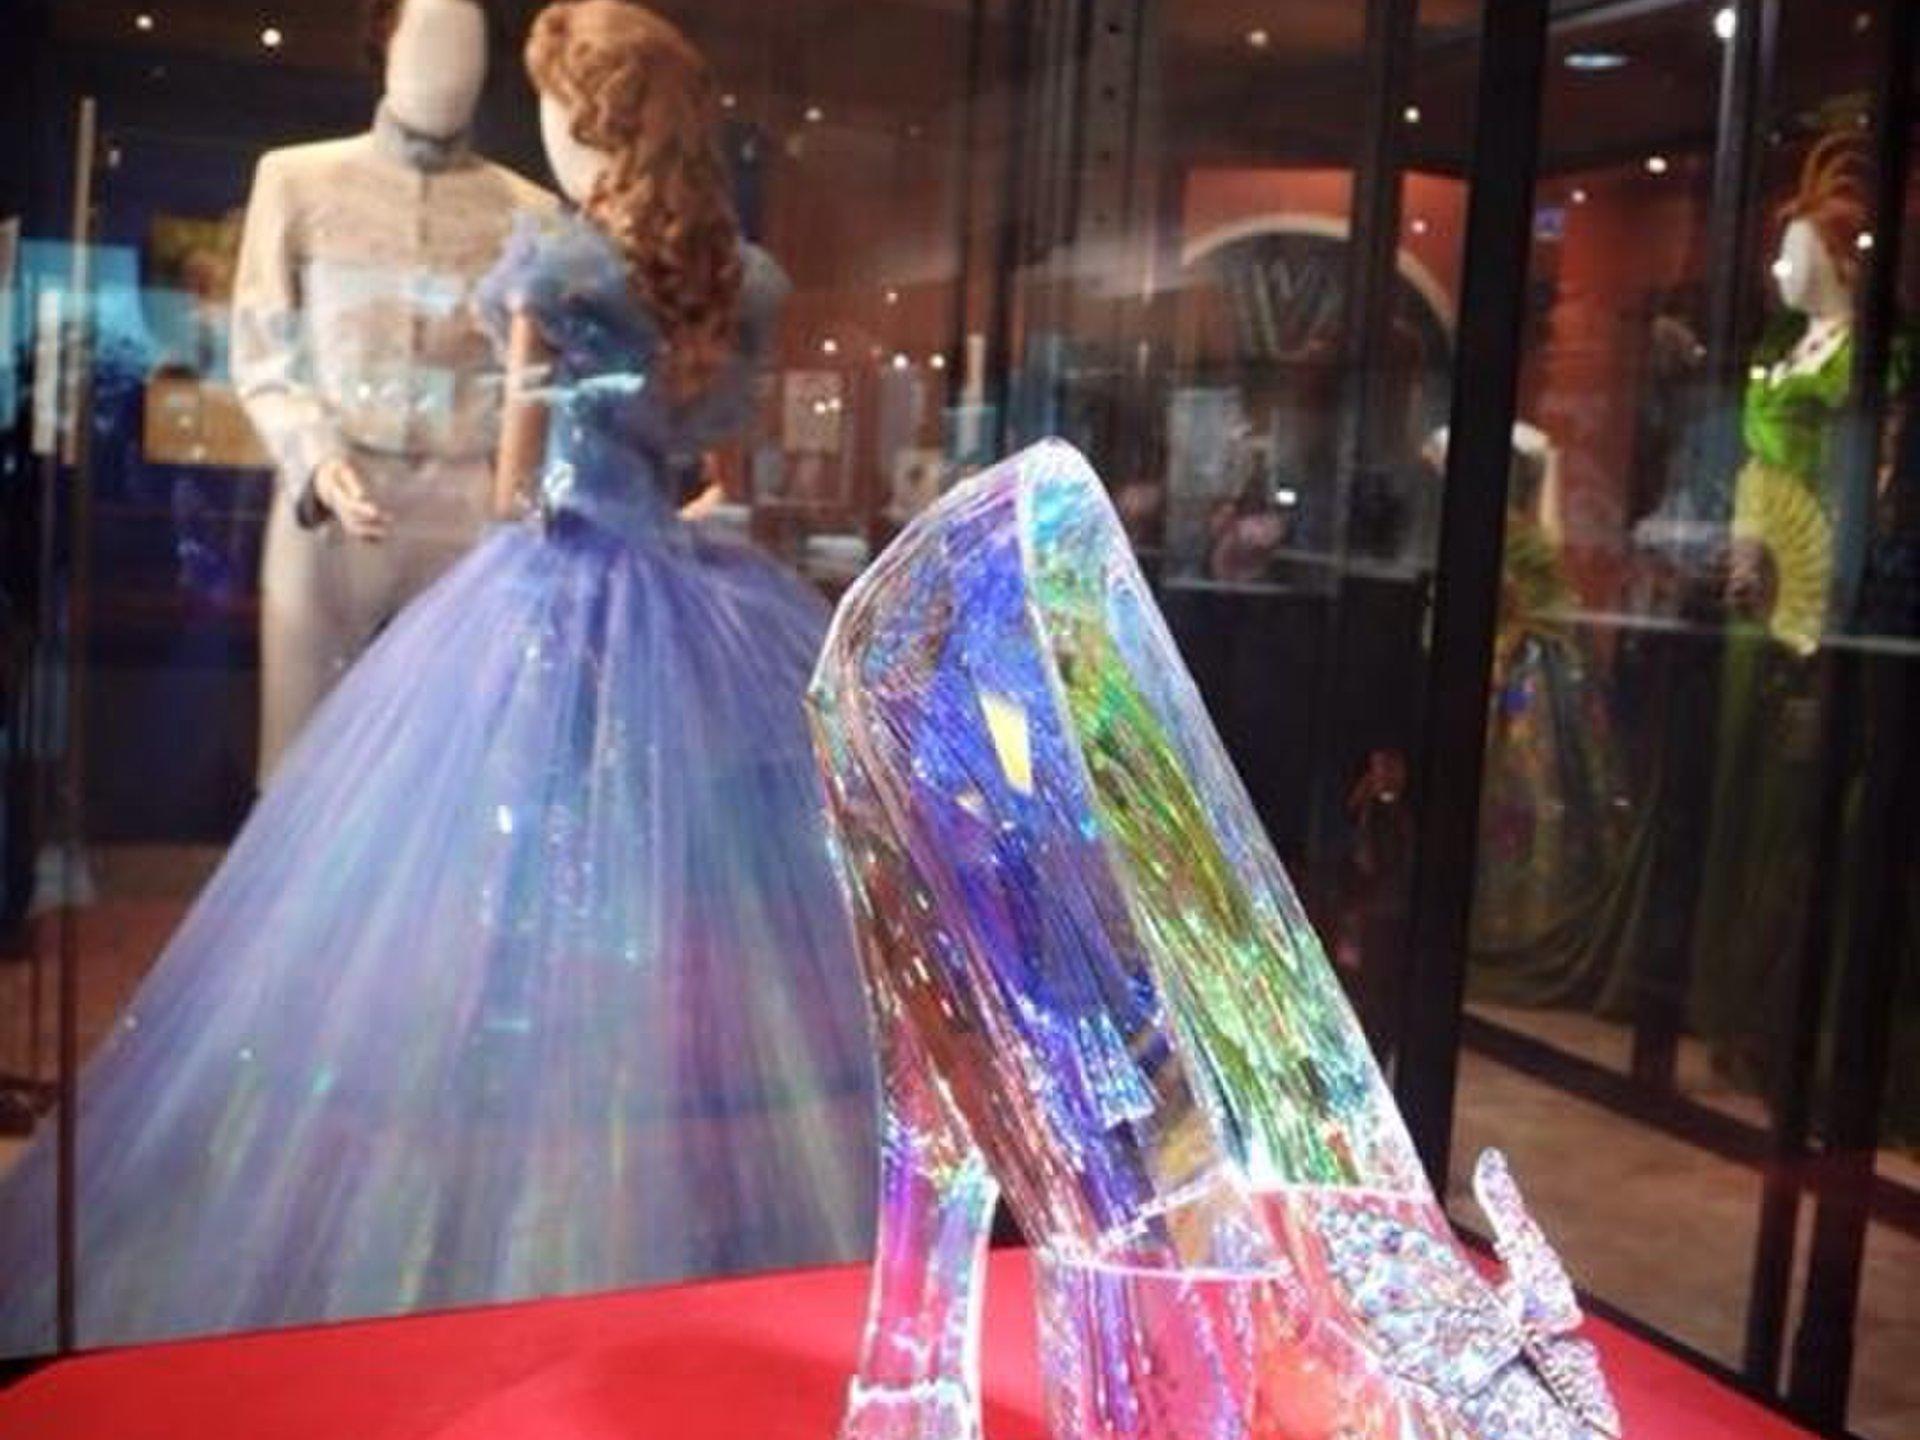 【期間限定!!】シンデレスのガラスの靴がステキすぎる!!シンデレラの映画公開に合わせた展示会へ☆